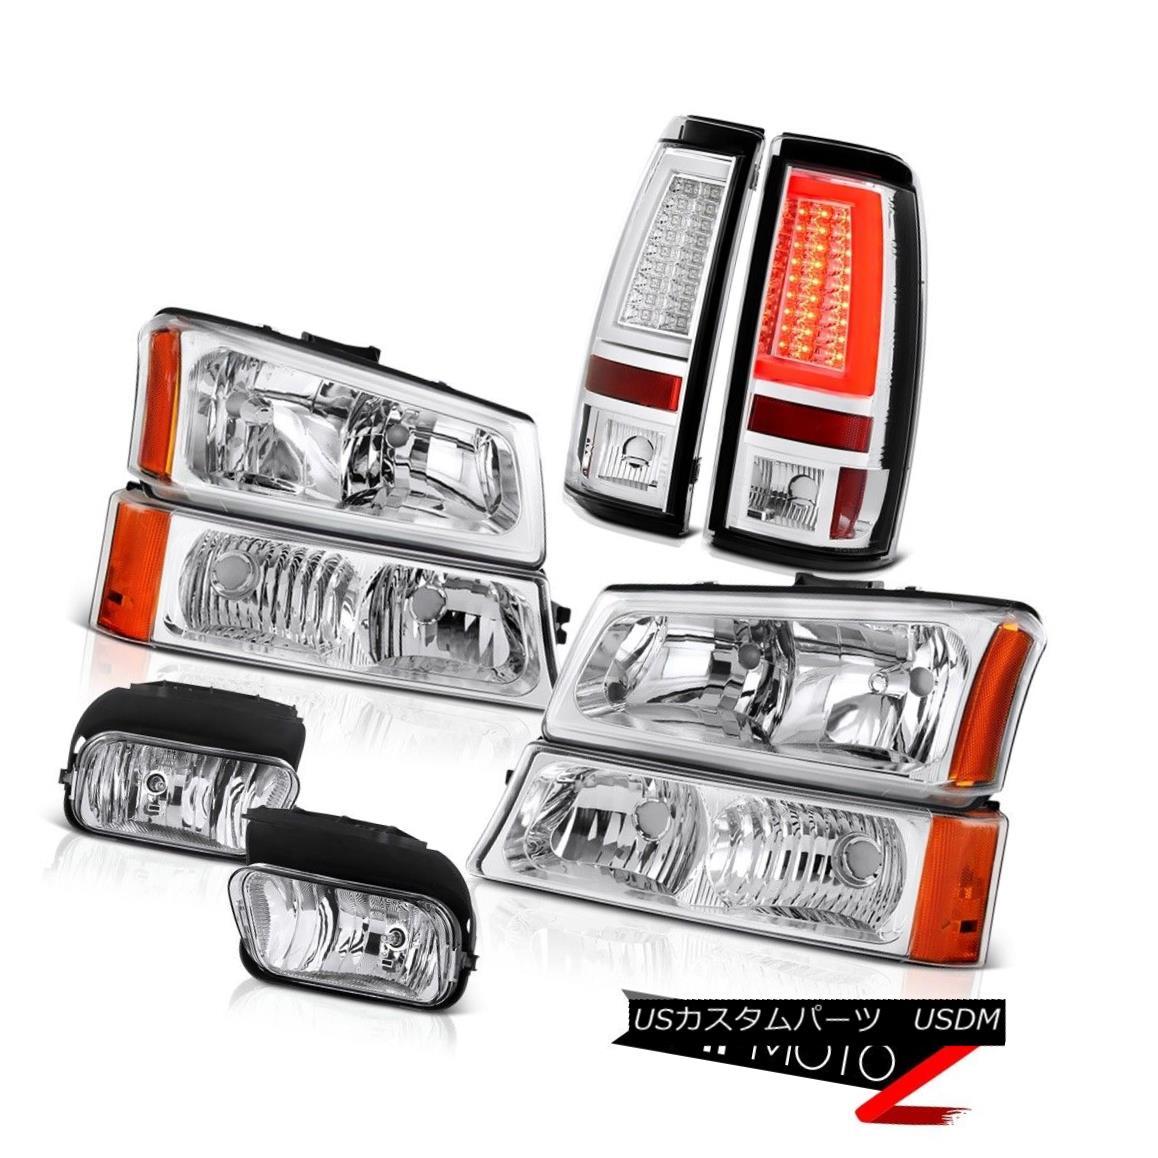 ヘッドライト 2003-2006 Silverado Rear Brake Lamps Headlamps Foglamps OLED Neon Tube Oe Style 2003-2006 SilveradoリアブレーキランプヘッドランプフォグランプOLEDネオンチューブOeスタイル